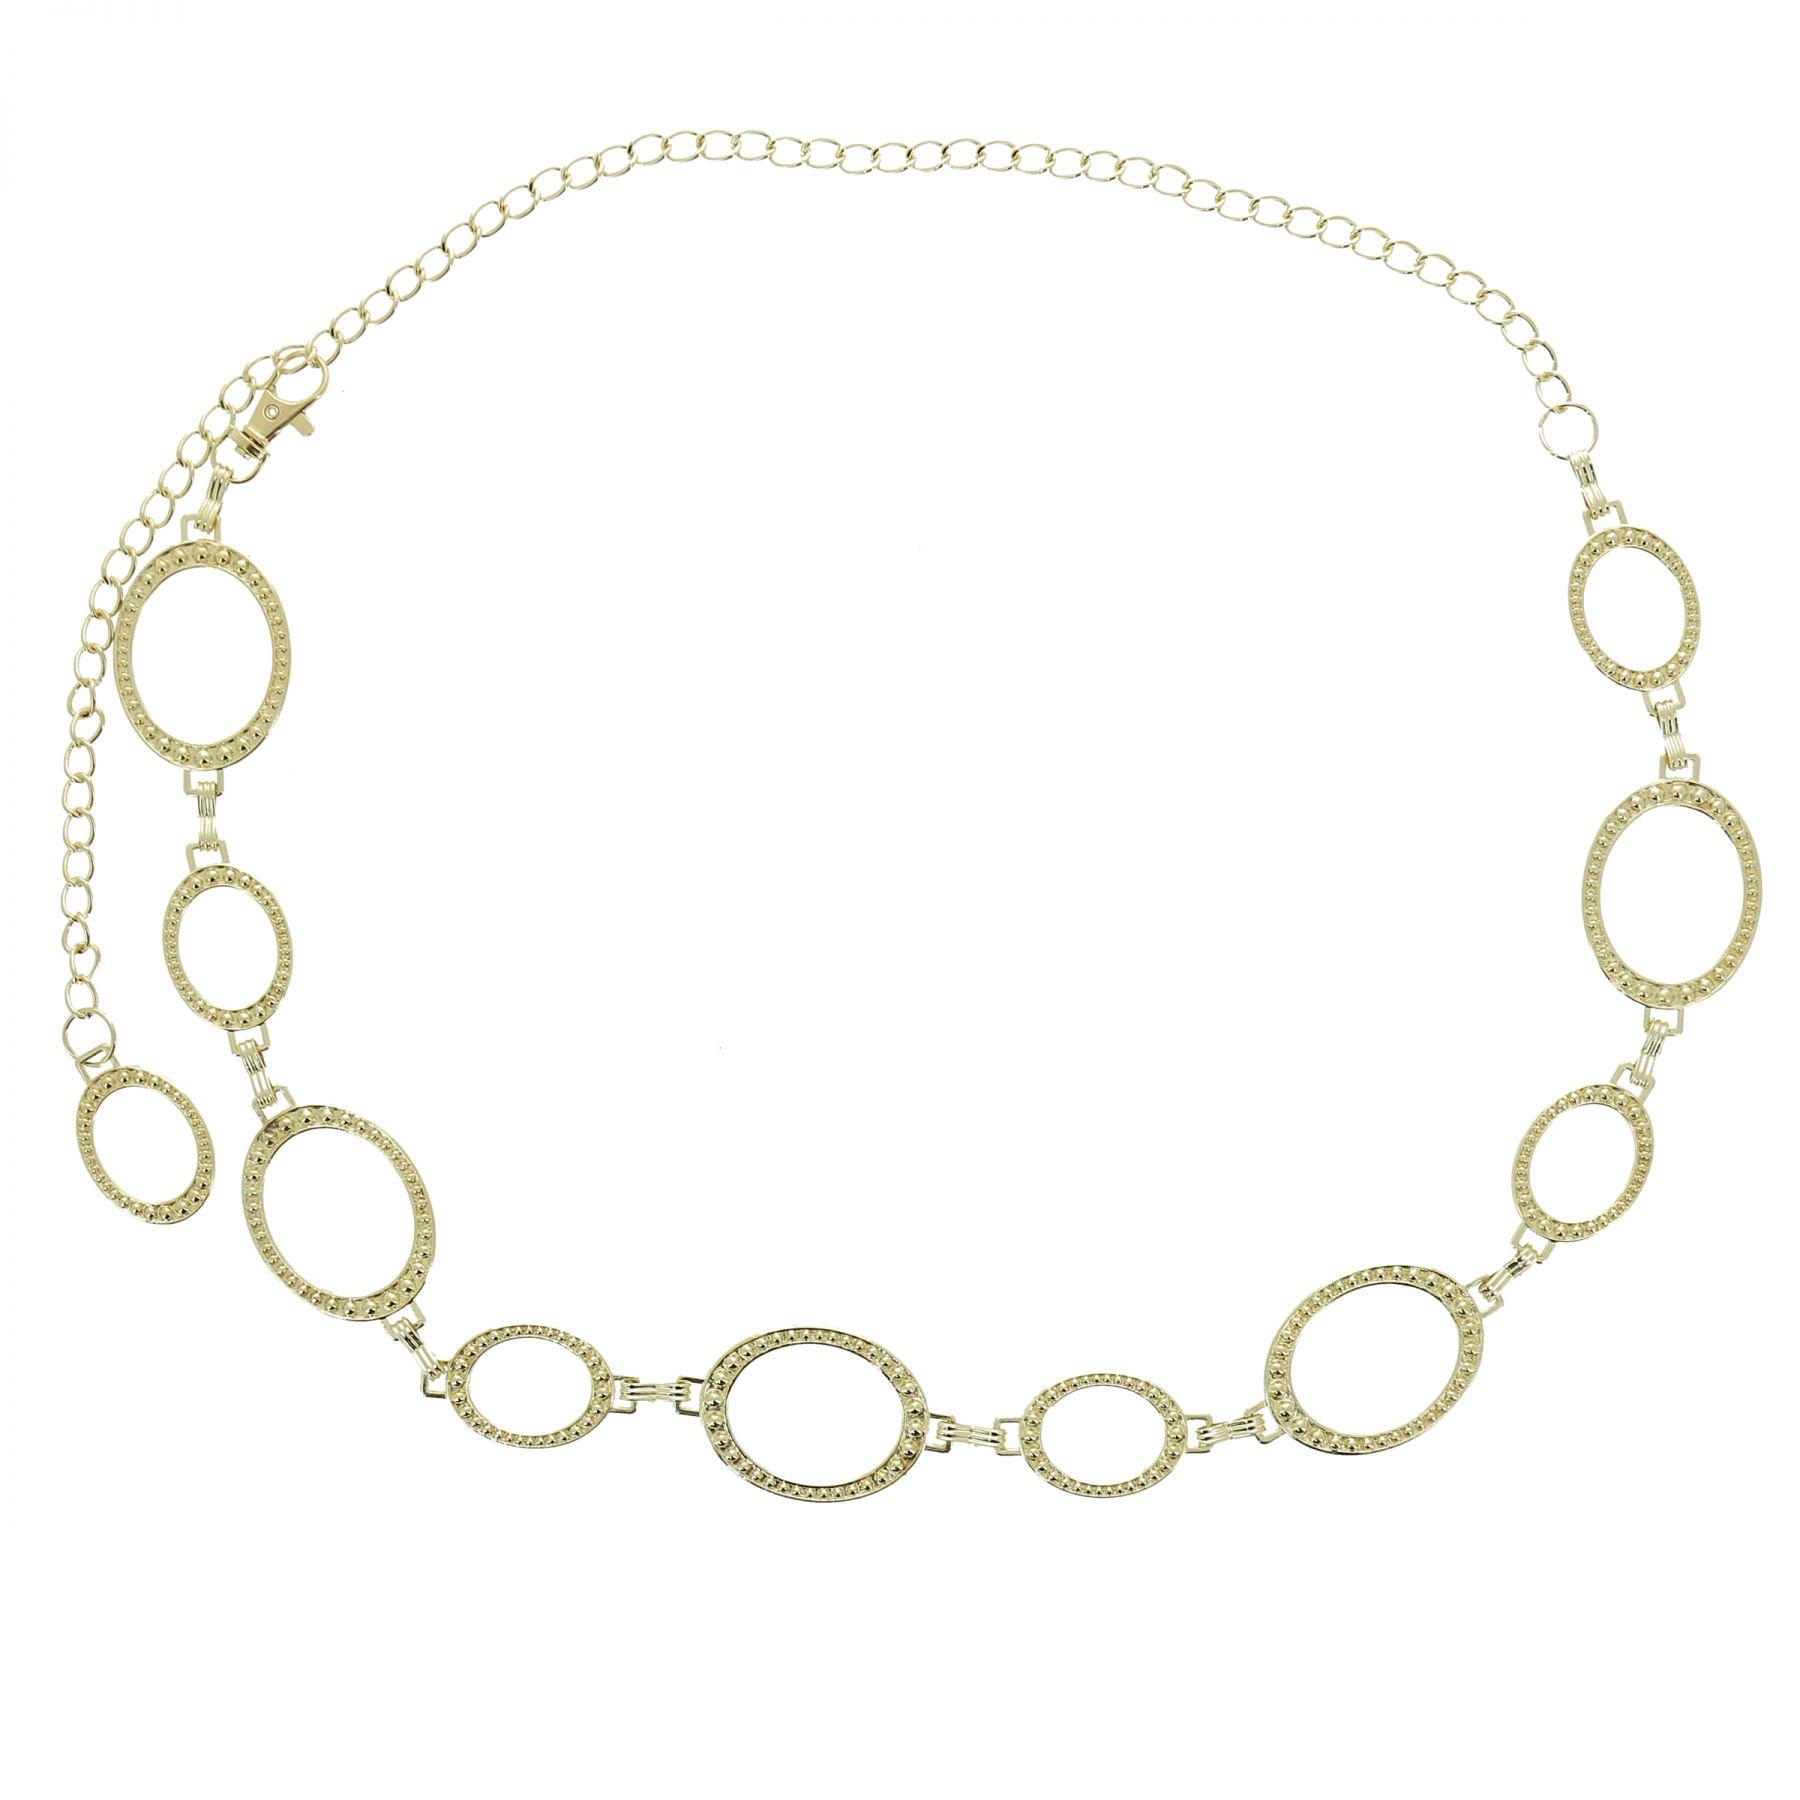 Ceinture chaîne médaillon pour femme LAURRAINE. Loading zoom 2555df61048